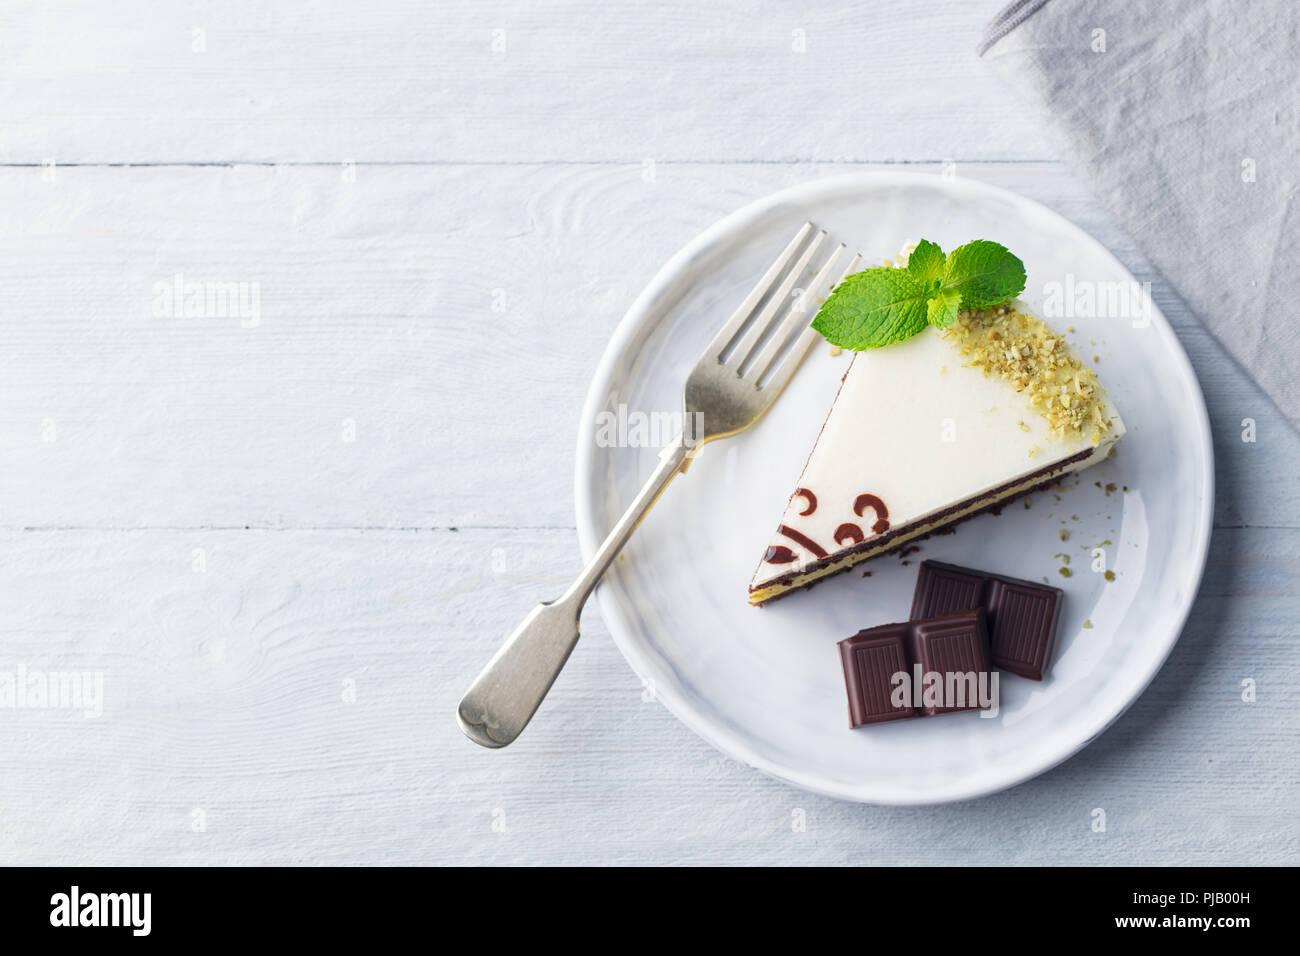 Weiße Schokolade Kuchen mit frischer Minze Lamelle auf einer Platte. Holz- Hintergrund. Kopieren Sie Platz. Top vew. Stockbild